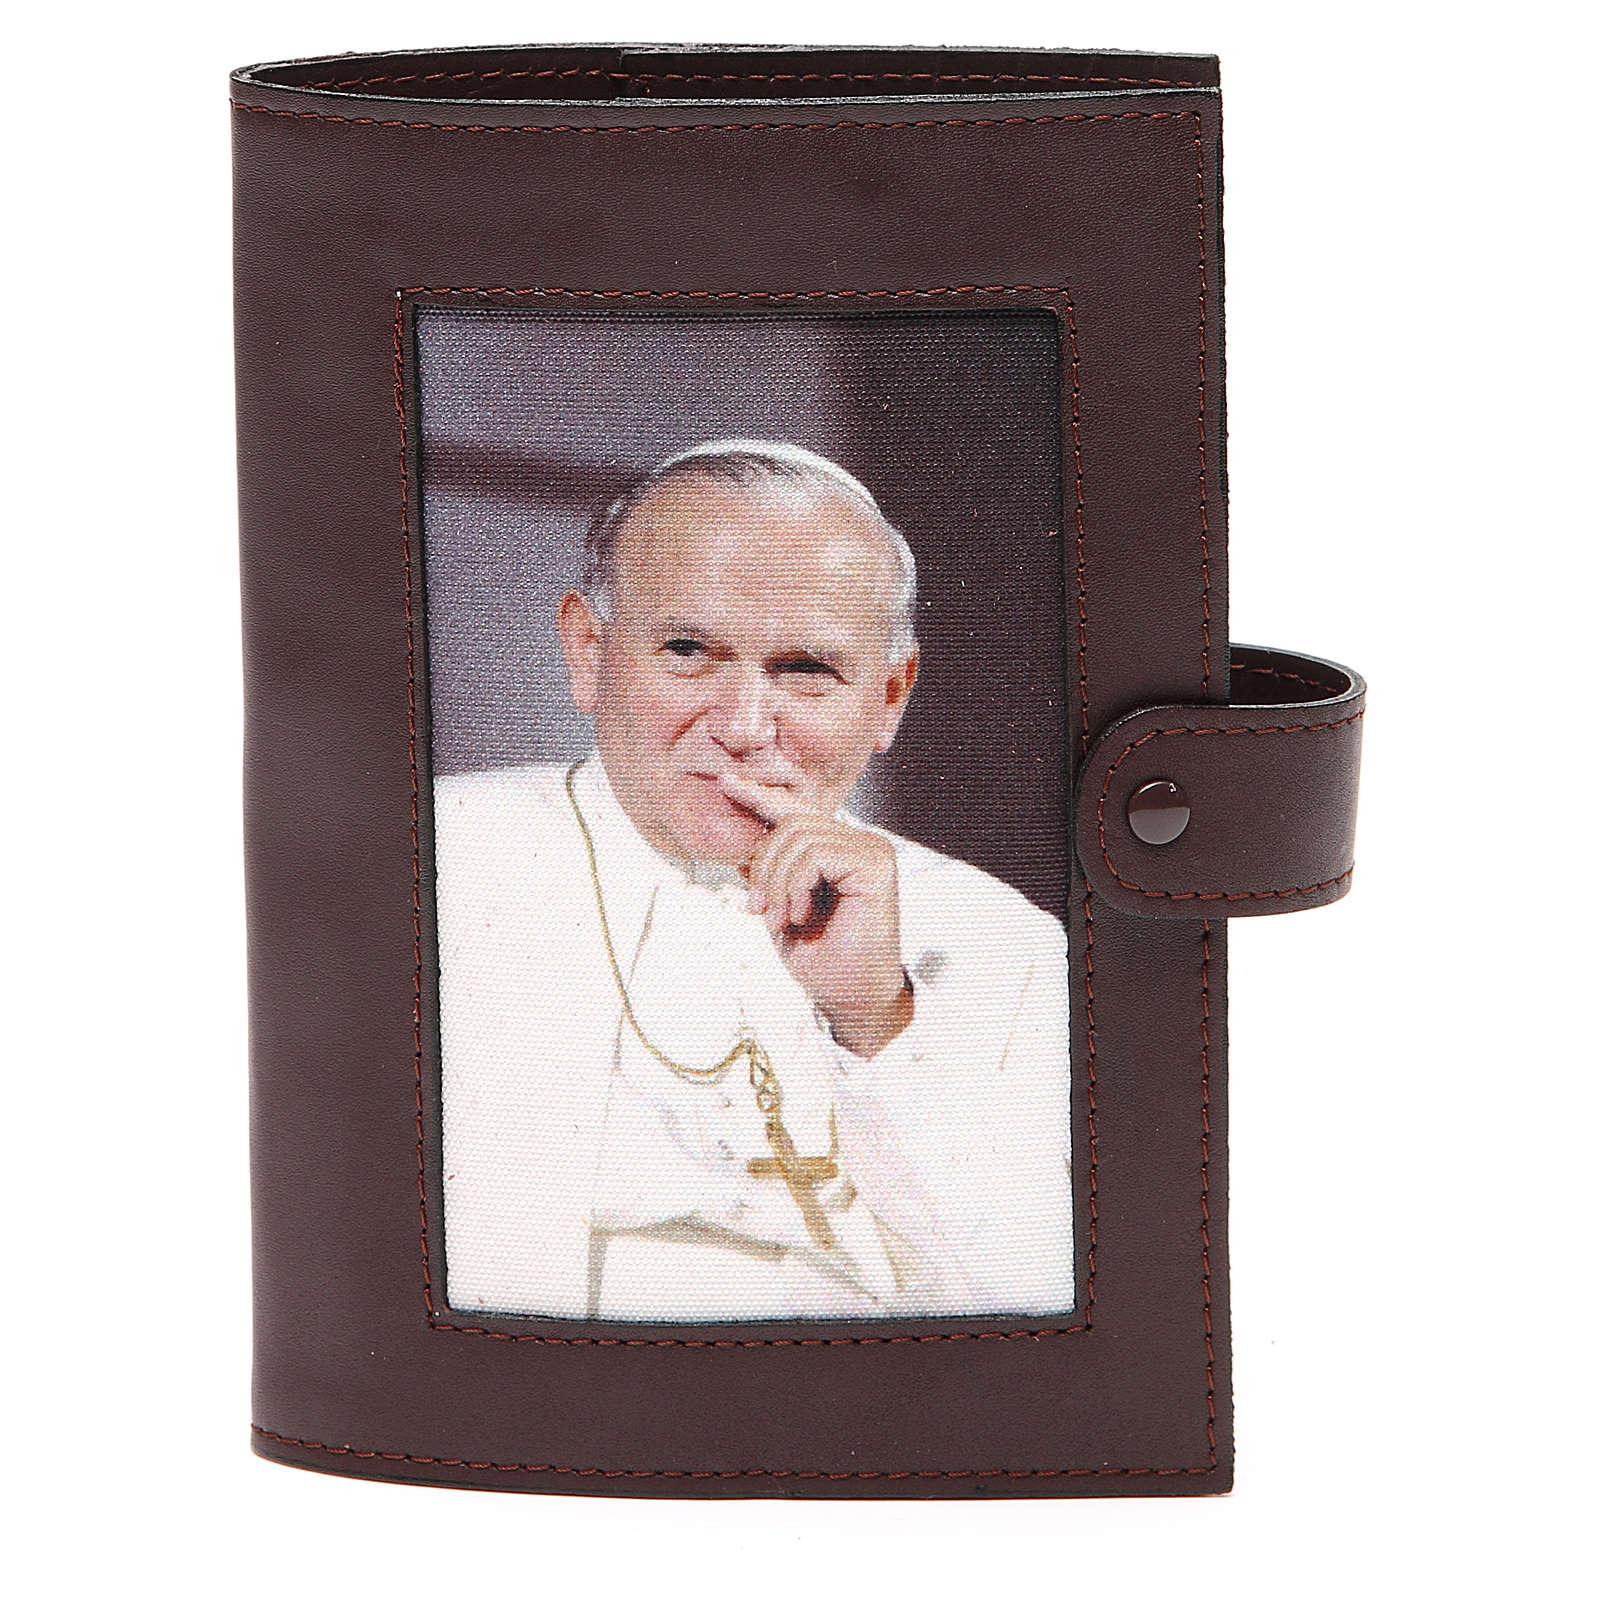 Cop. Lit. 4 vol. pelle testa di moro Giovanni Paolo II 4